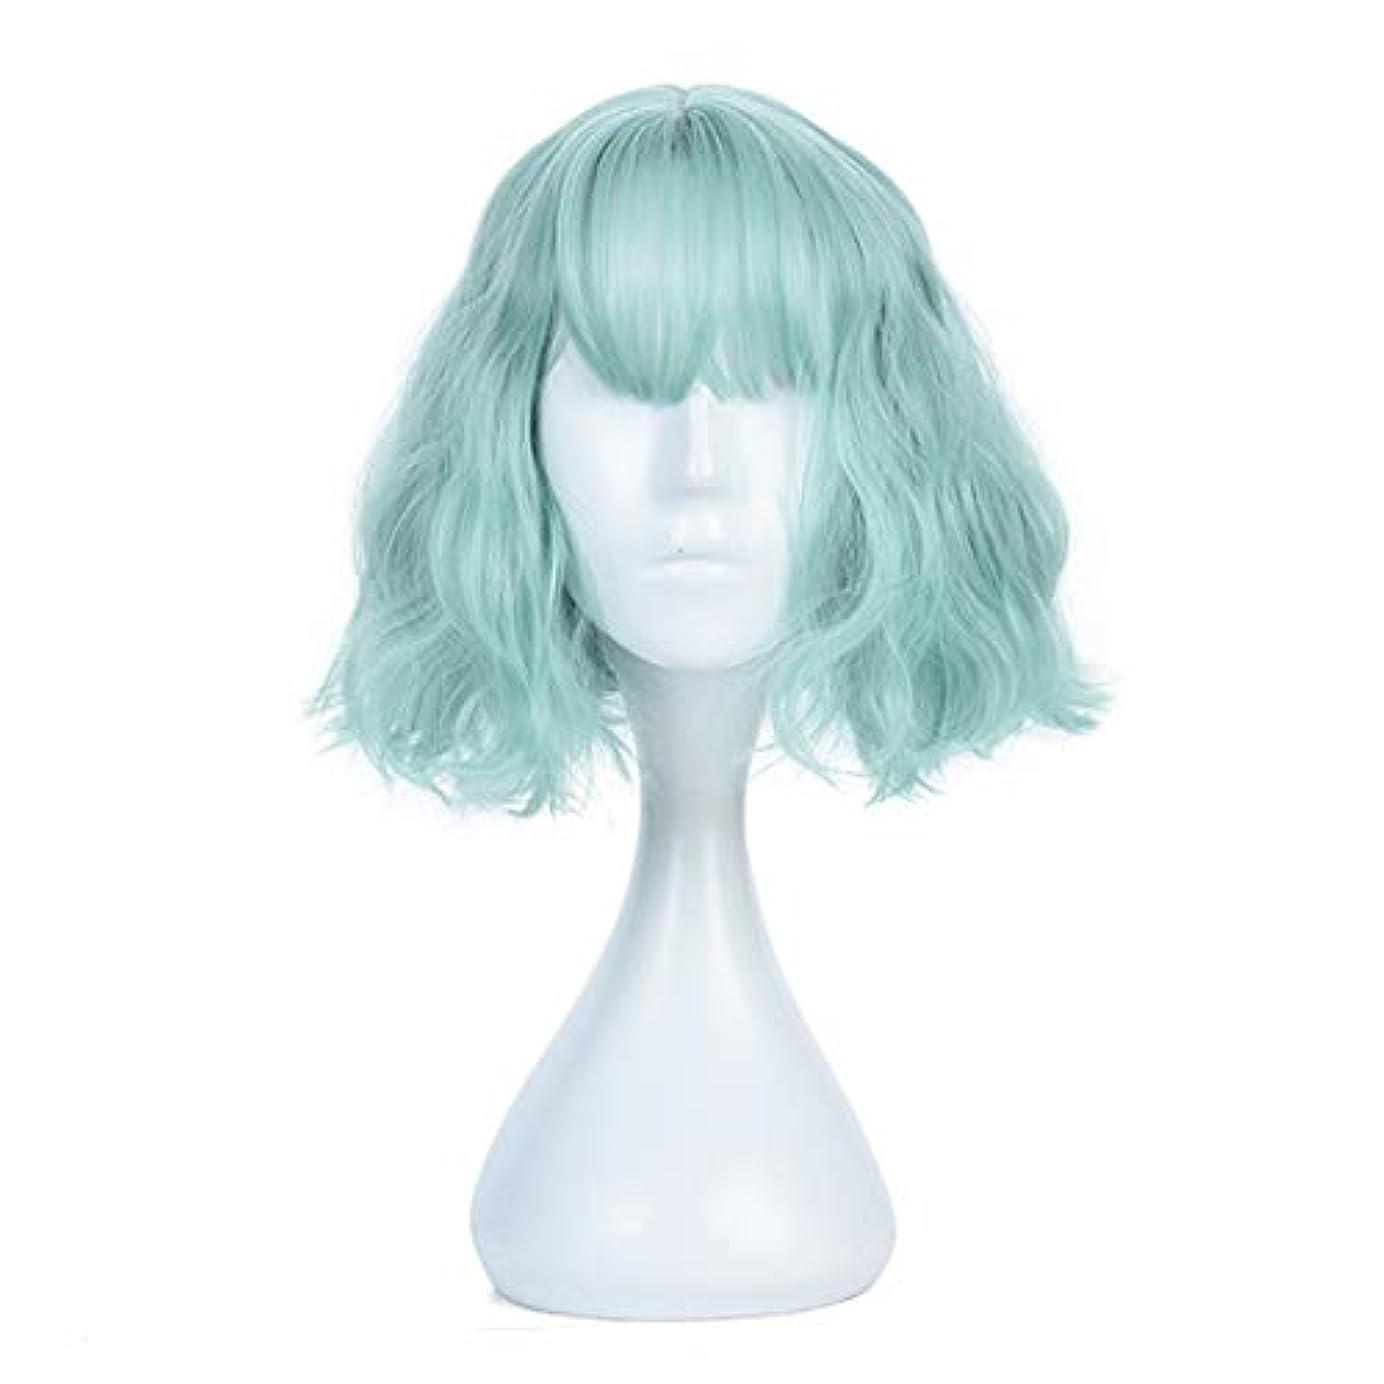 充実地区サミュエルYOUQIU 女性のかつらのためのフラット前髪コスプレ衣装デイリーパーティーウィッグと12インチ女子ショートボボ髪カーリーの合成 (色 : Blonde light Green, サイズ : 12